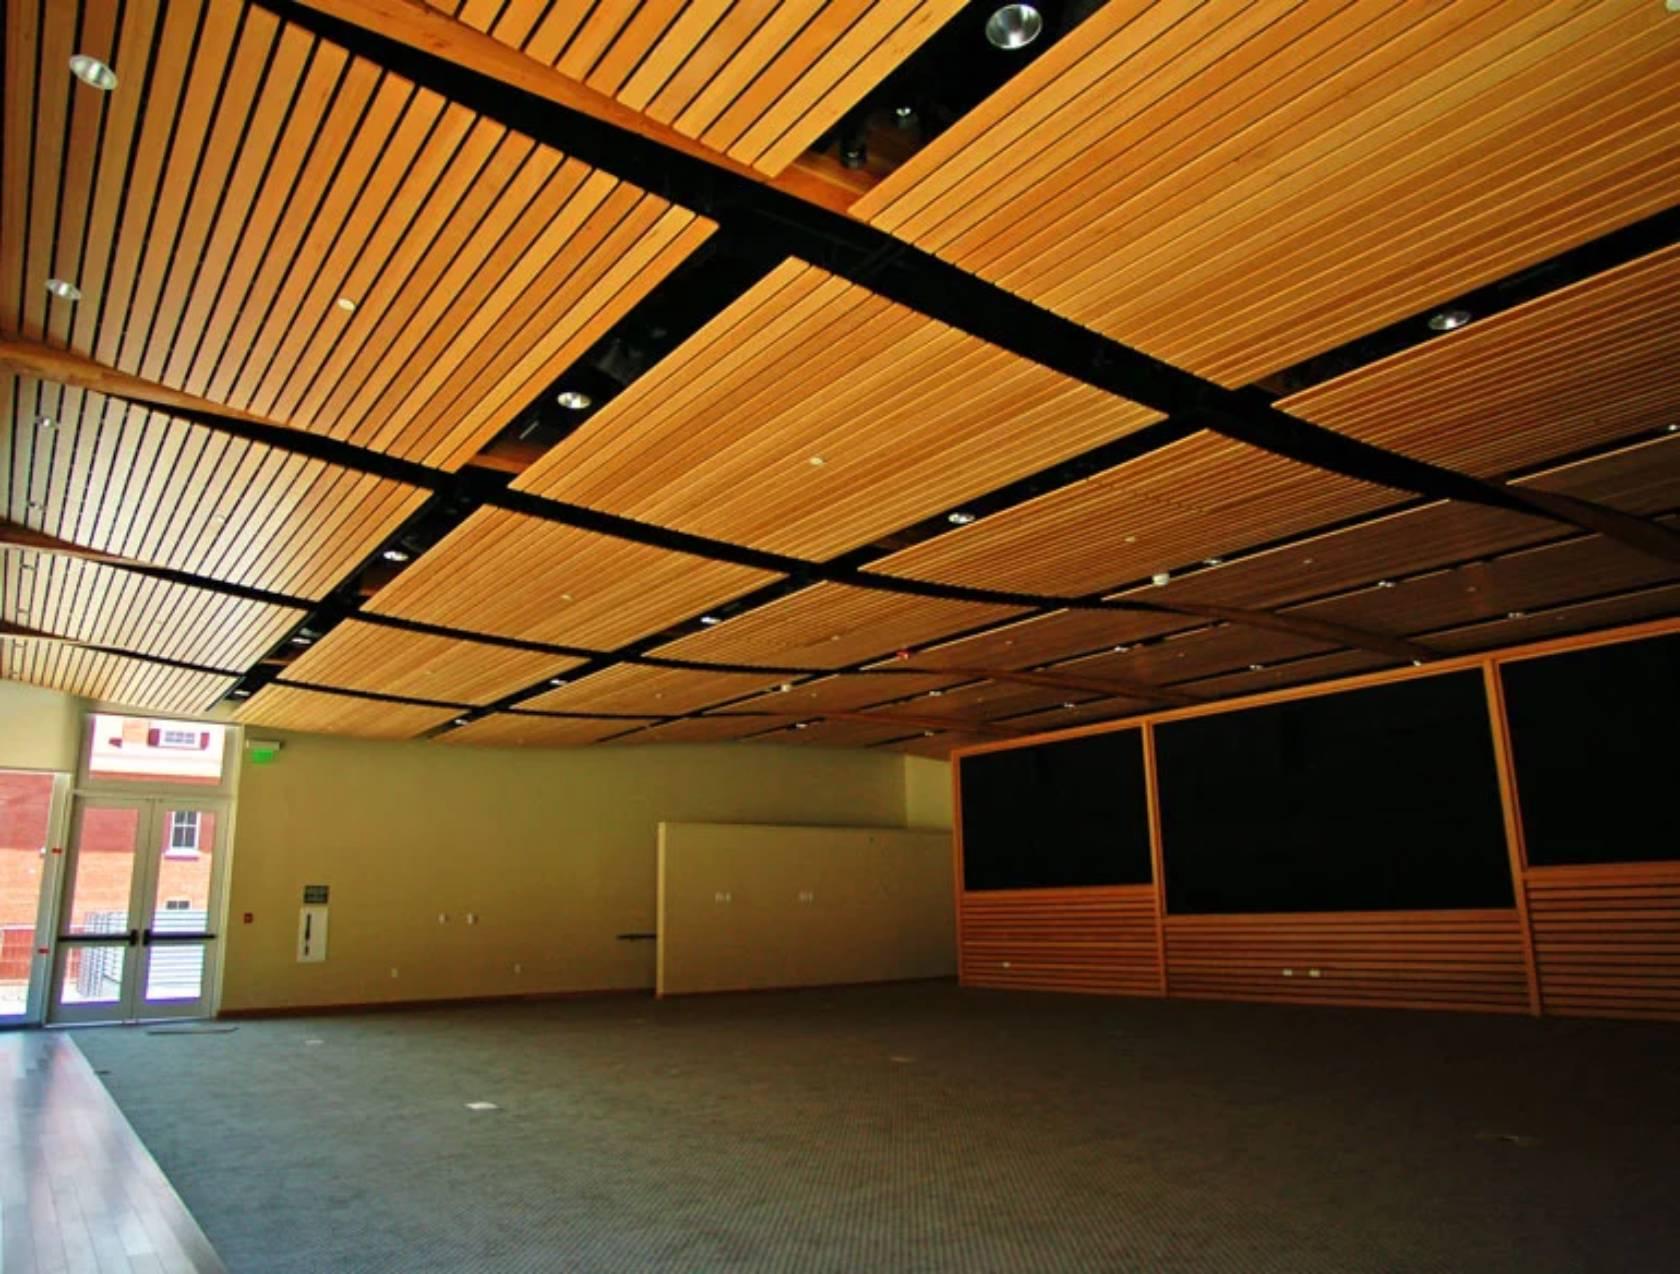 Wood Ceilings Panels